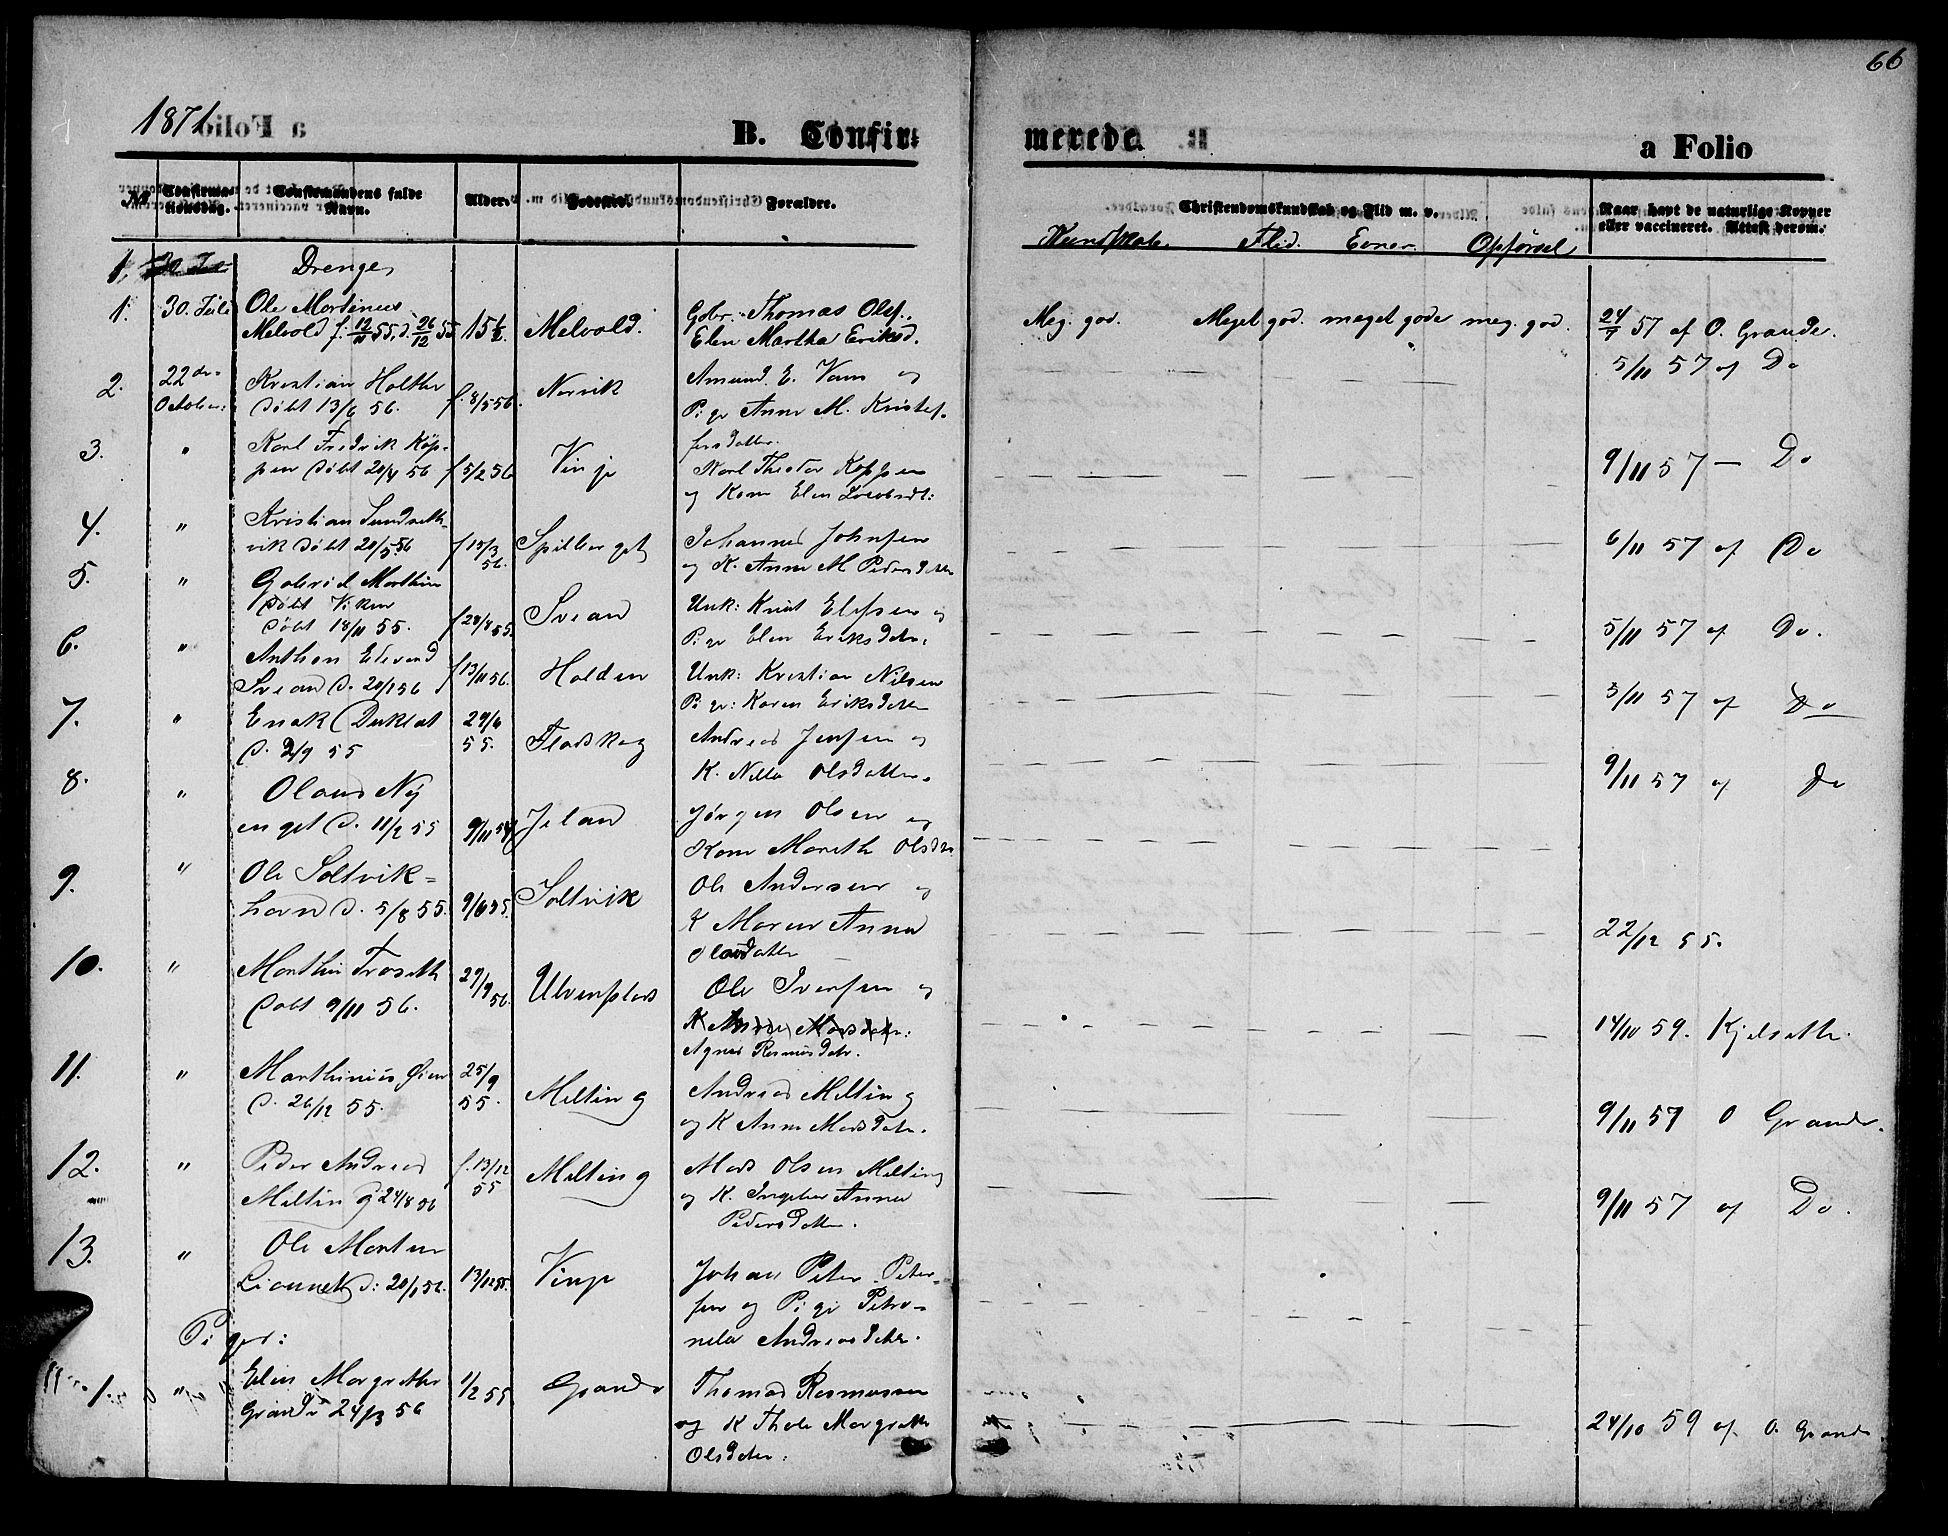 SAT, Ministerialprotokoller, klokkerbøker og fødselsregistre - Nord-Trøndelag, 733/L0326: Klokkerbok nr. 733C01, 1871-1887, s. 66